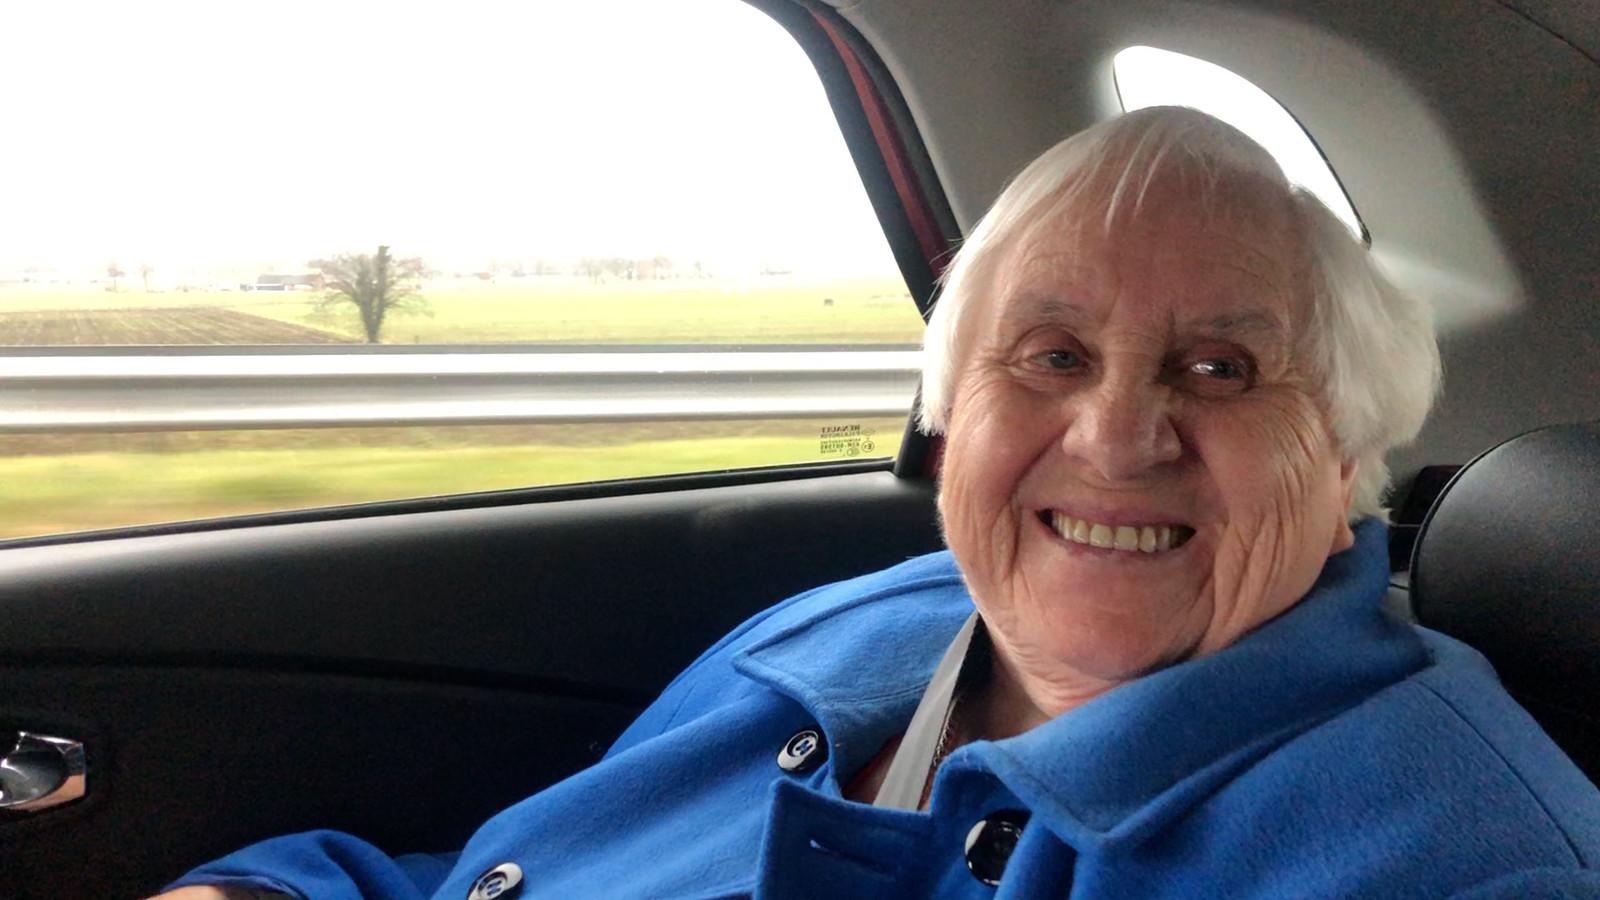 Mevrouw Rehorst op weg naar de GGD.